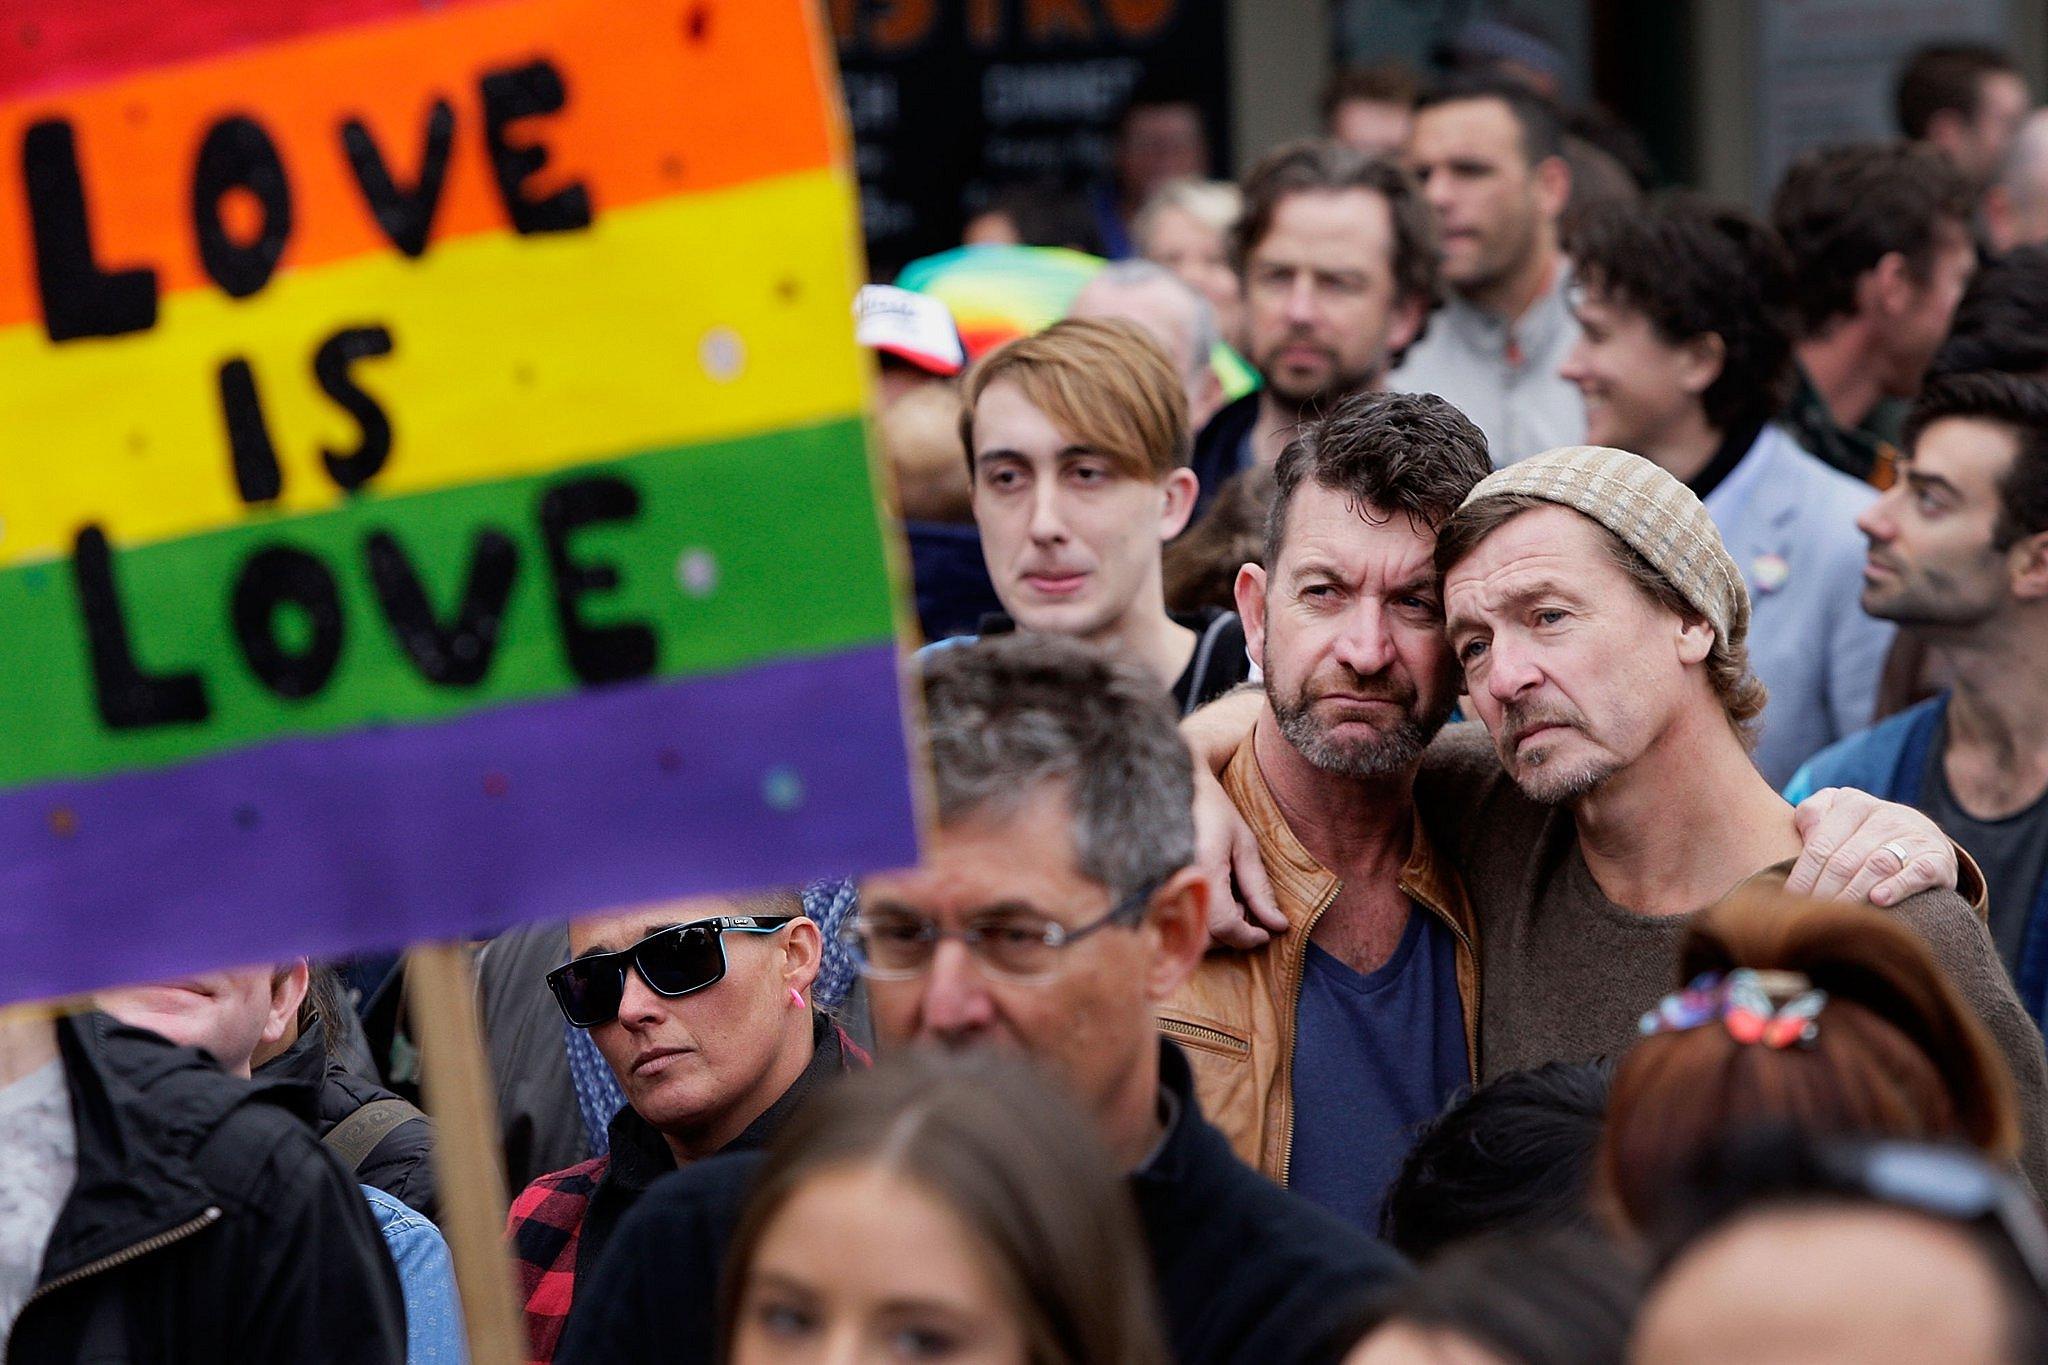 'We zijn slachtoffer van een politiek steekspel'